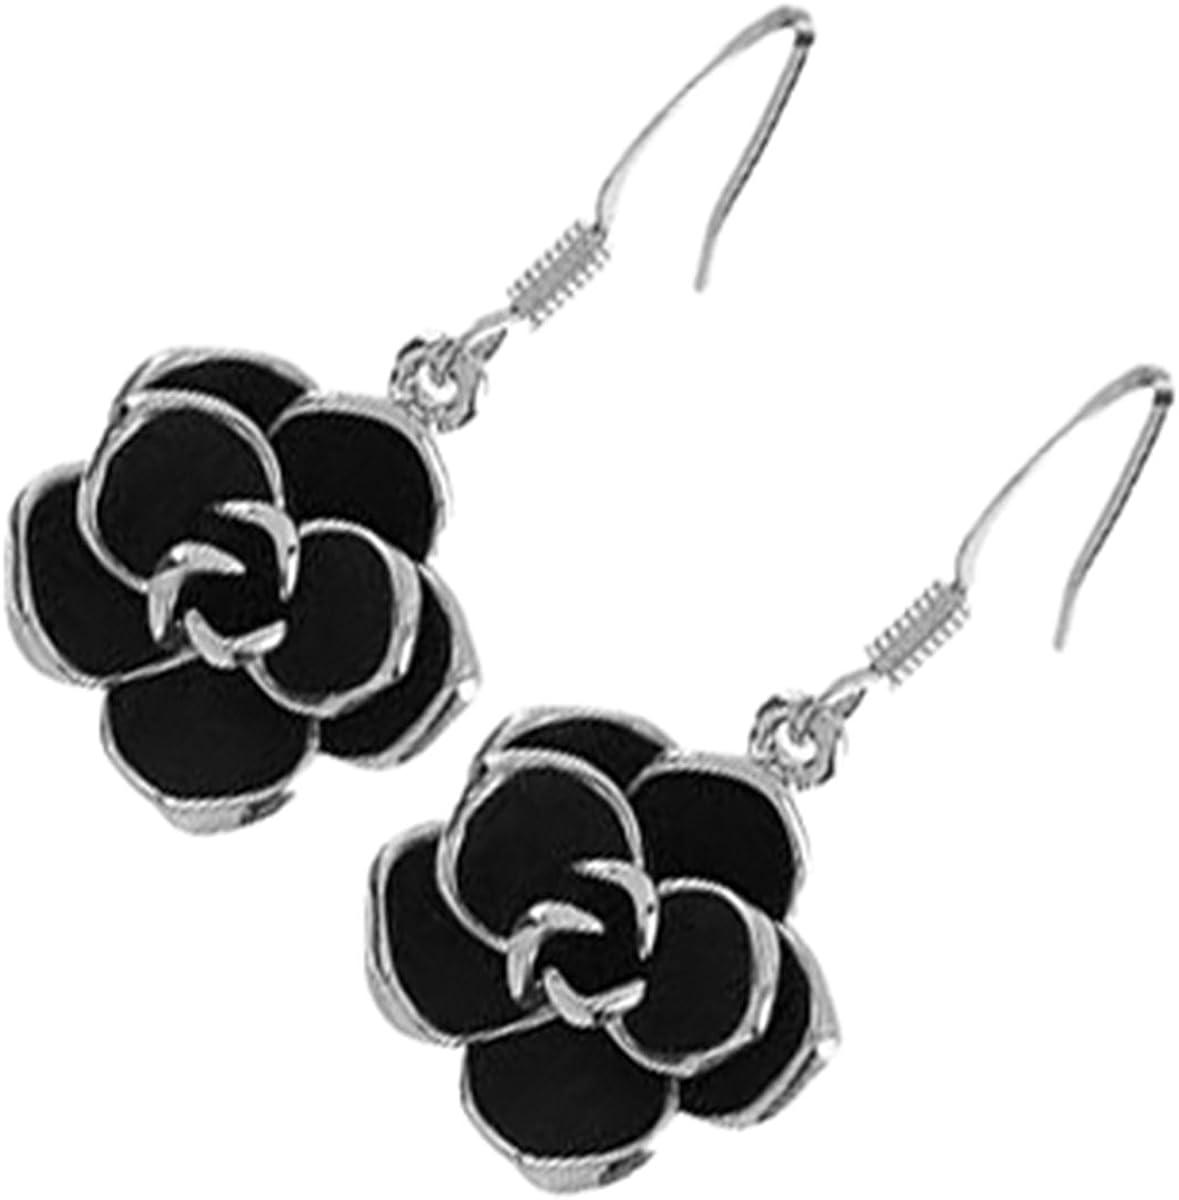 GWG Jewellery Pendientes Mujer Regalo Pendientes Colgantes, Chapados en Plata de Ley Flor de Rosa con Hojas Negras para Mujeres